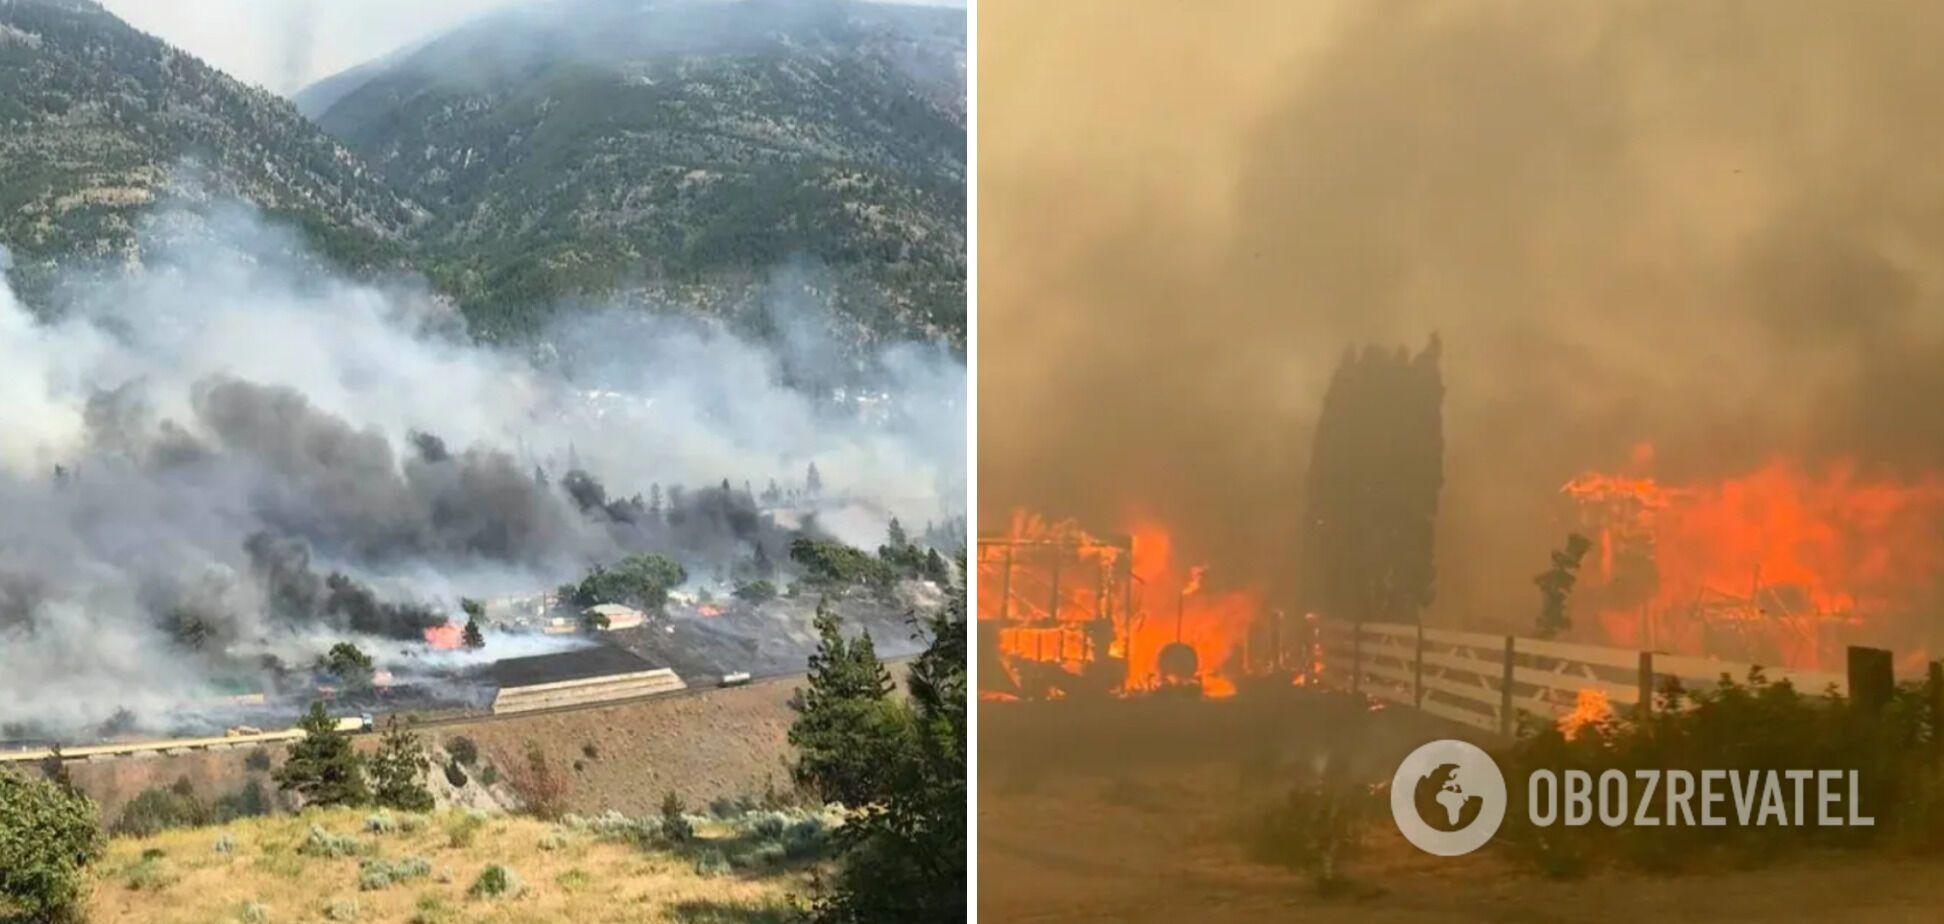 В Канаде в лесном пожаре сгорел поселок. Фото и видео